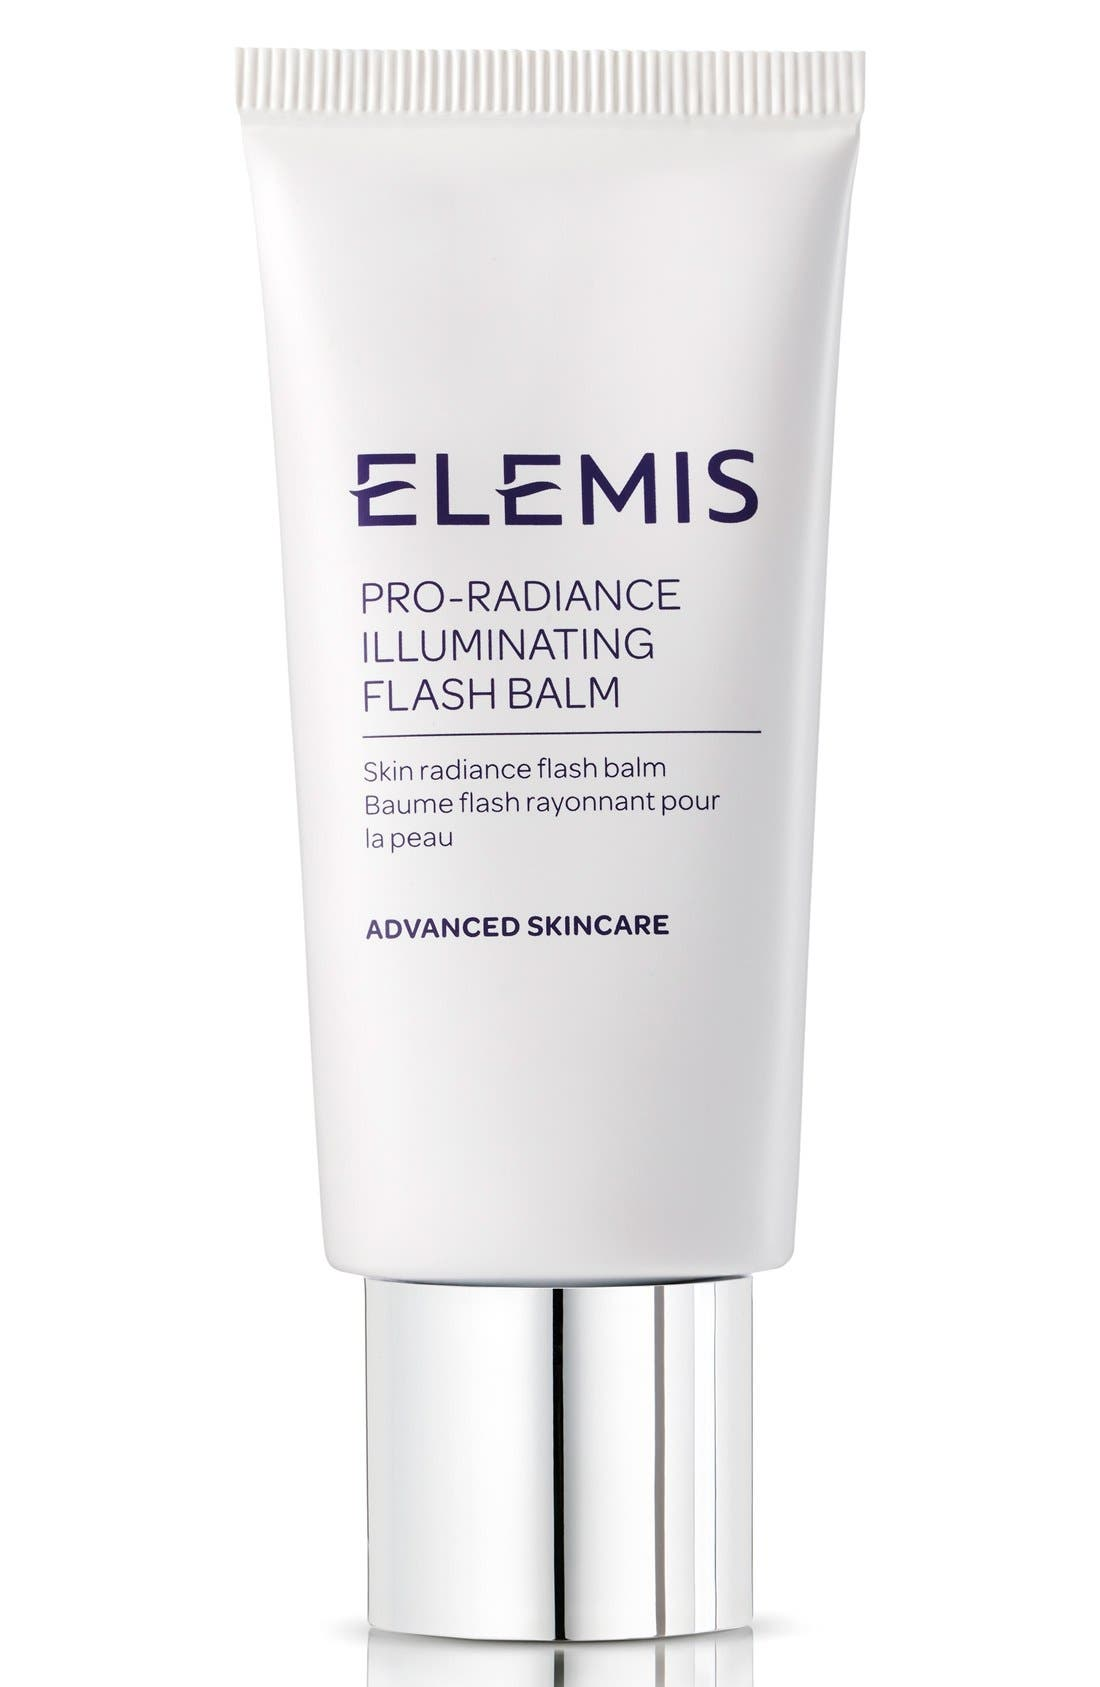 Elemis 'Pro-Radiance' Illuminating Flash Balm